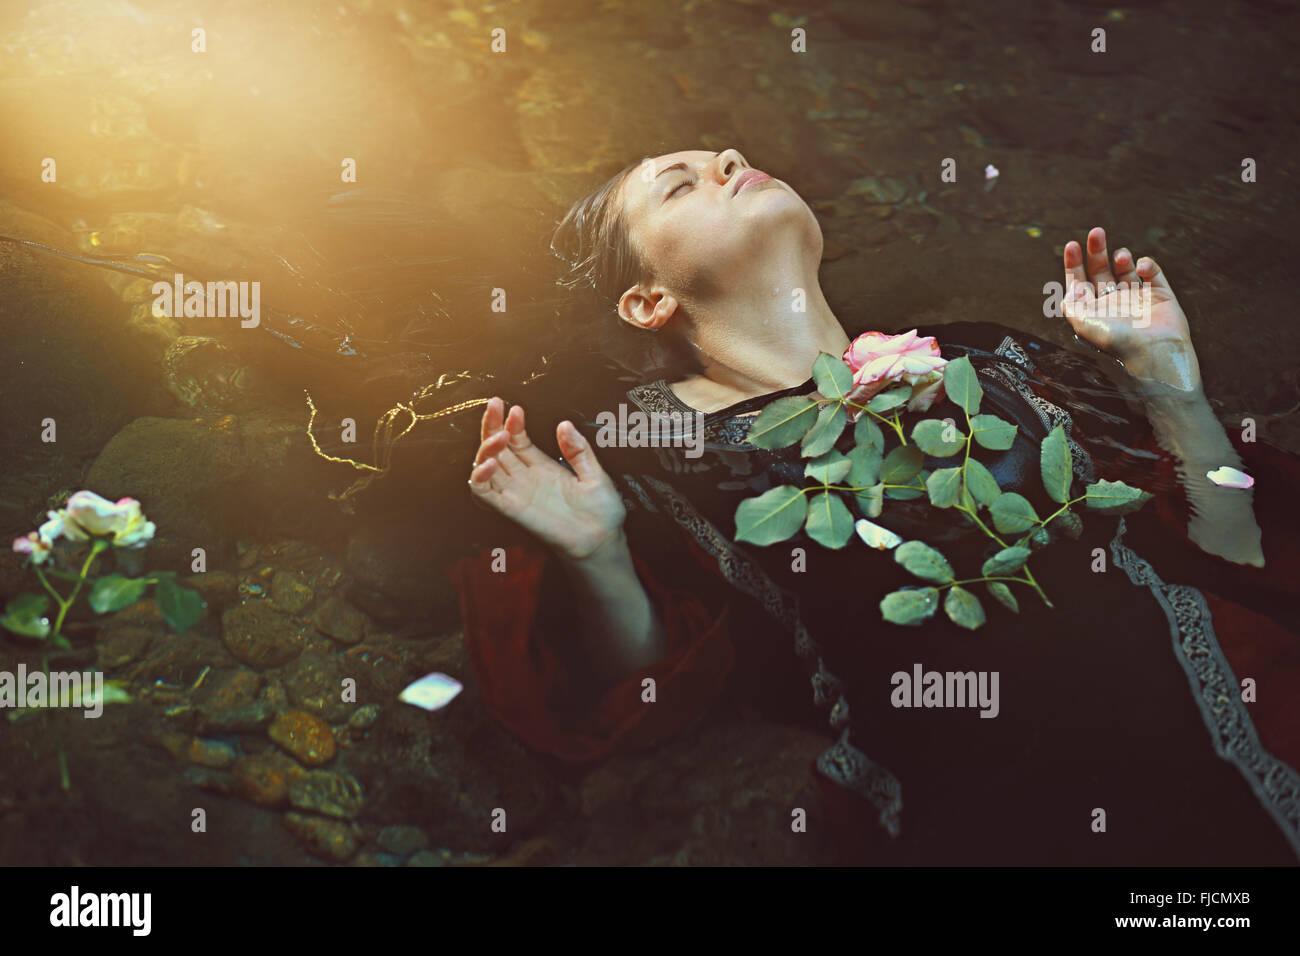 La donna nel buio del flusso di acqua e morbida luce del sole . Romantico e tragedia Immagini Stock